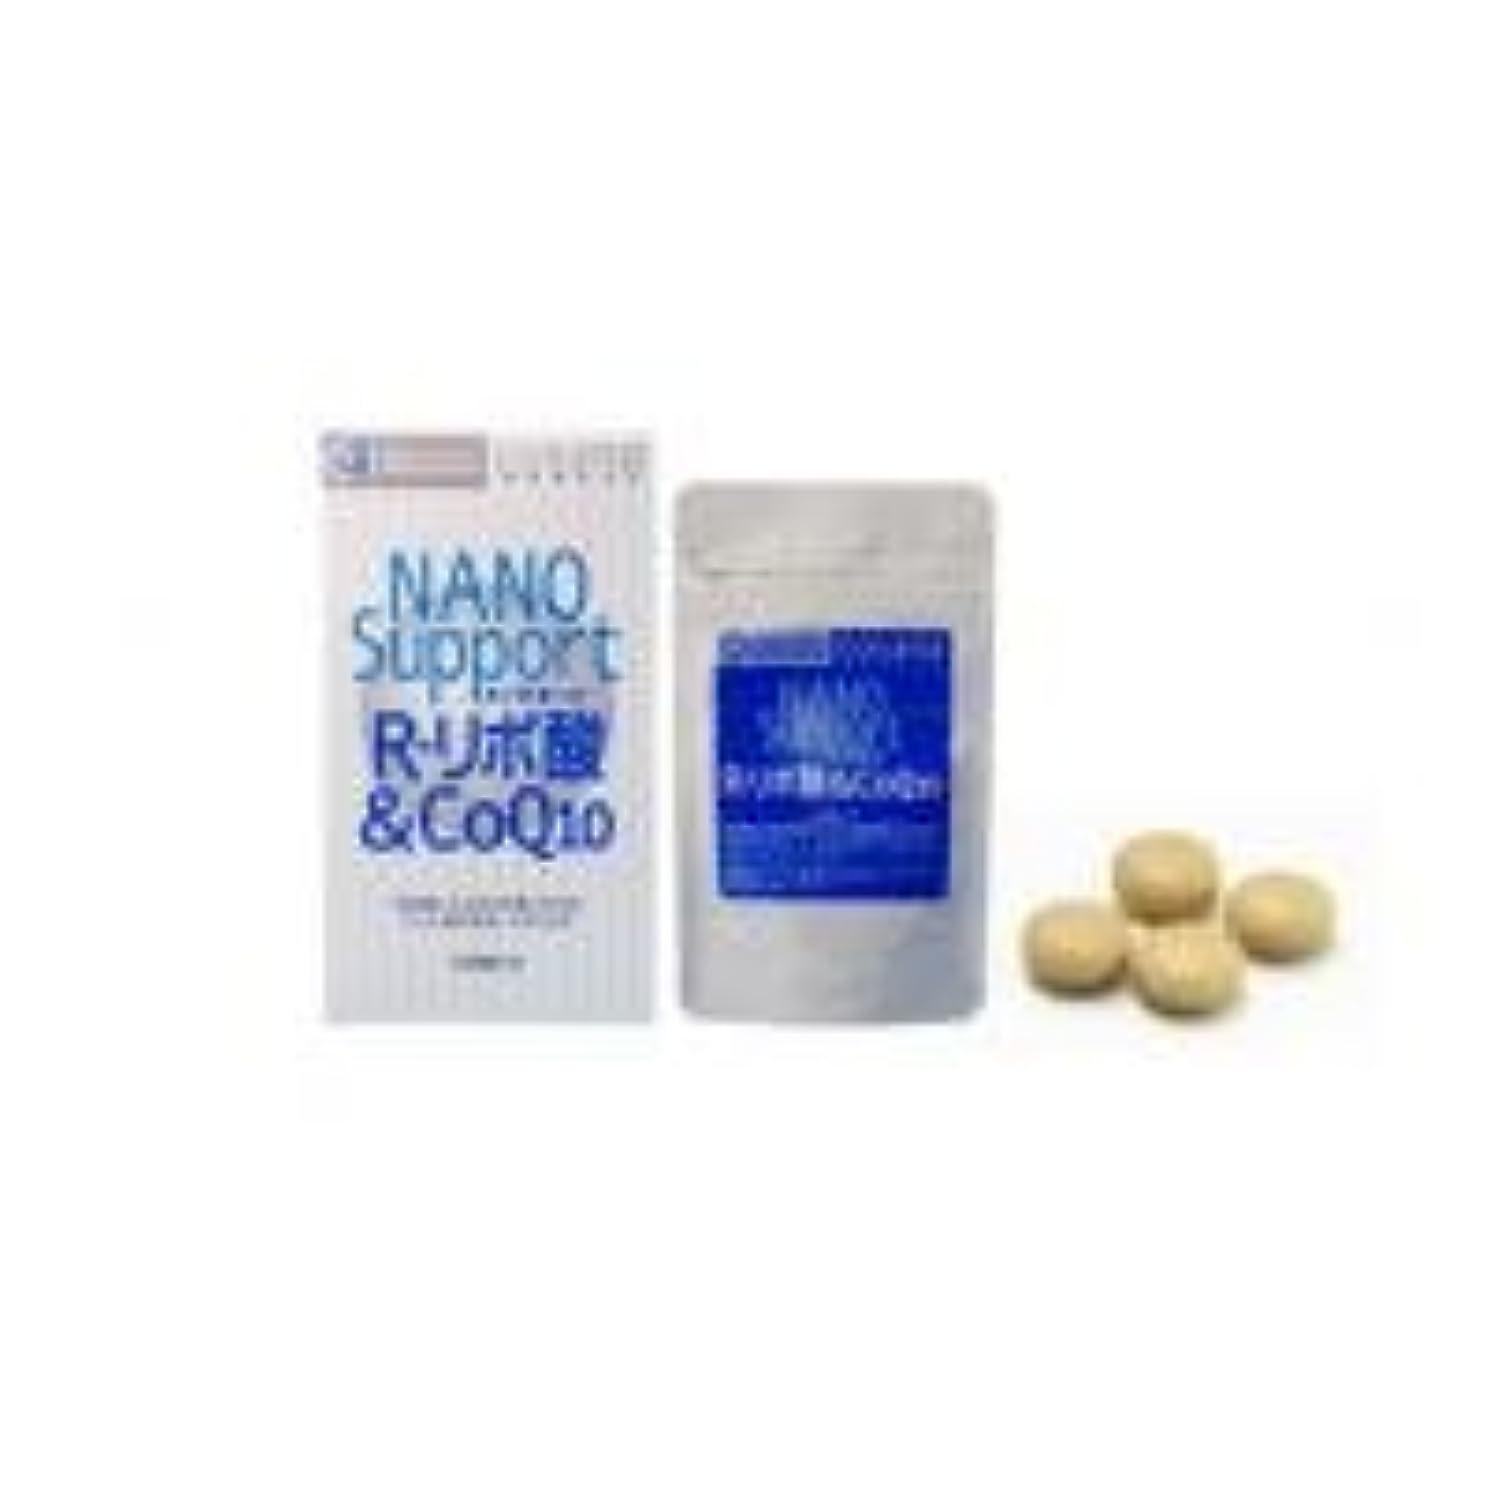 ボット喜び家畜ナノサポートR-リポ酸&CoQ10